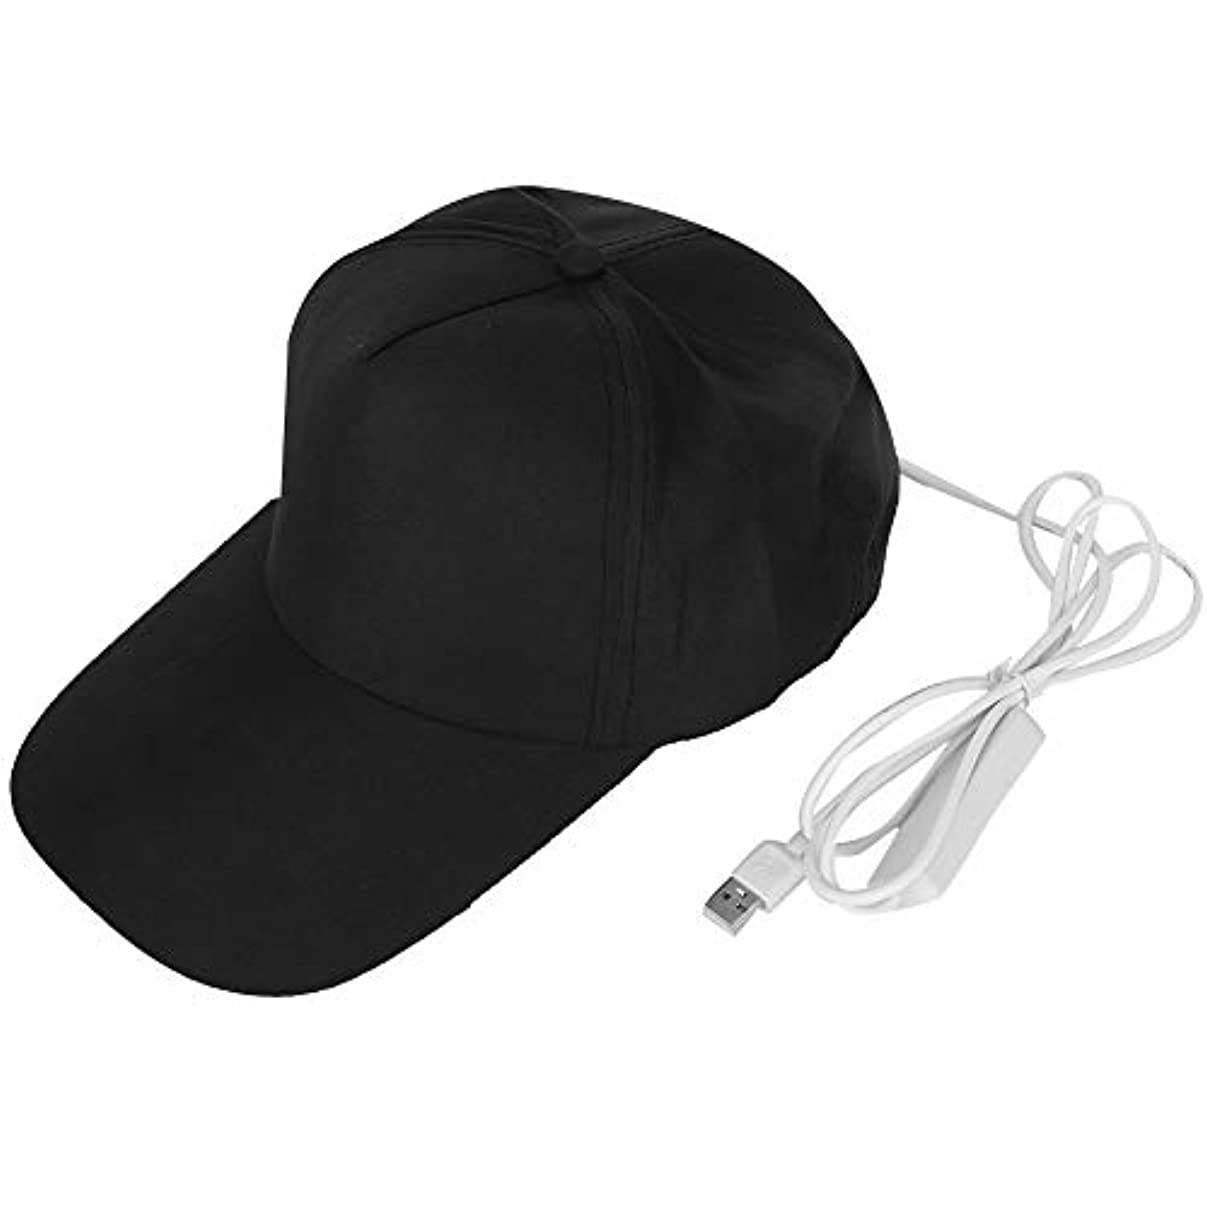 剥ぎ取る記憶に残るフレキシブル152pcs軽い破片の毛の成長の反毛の帽子